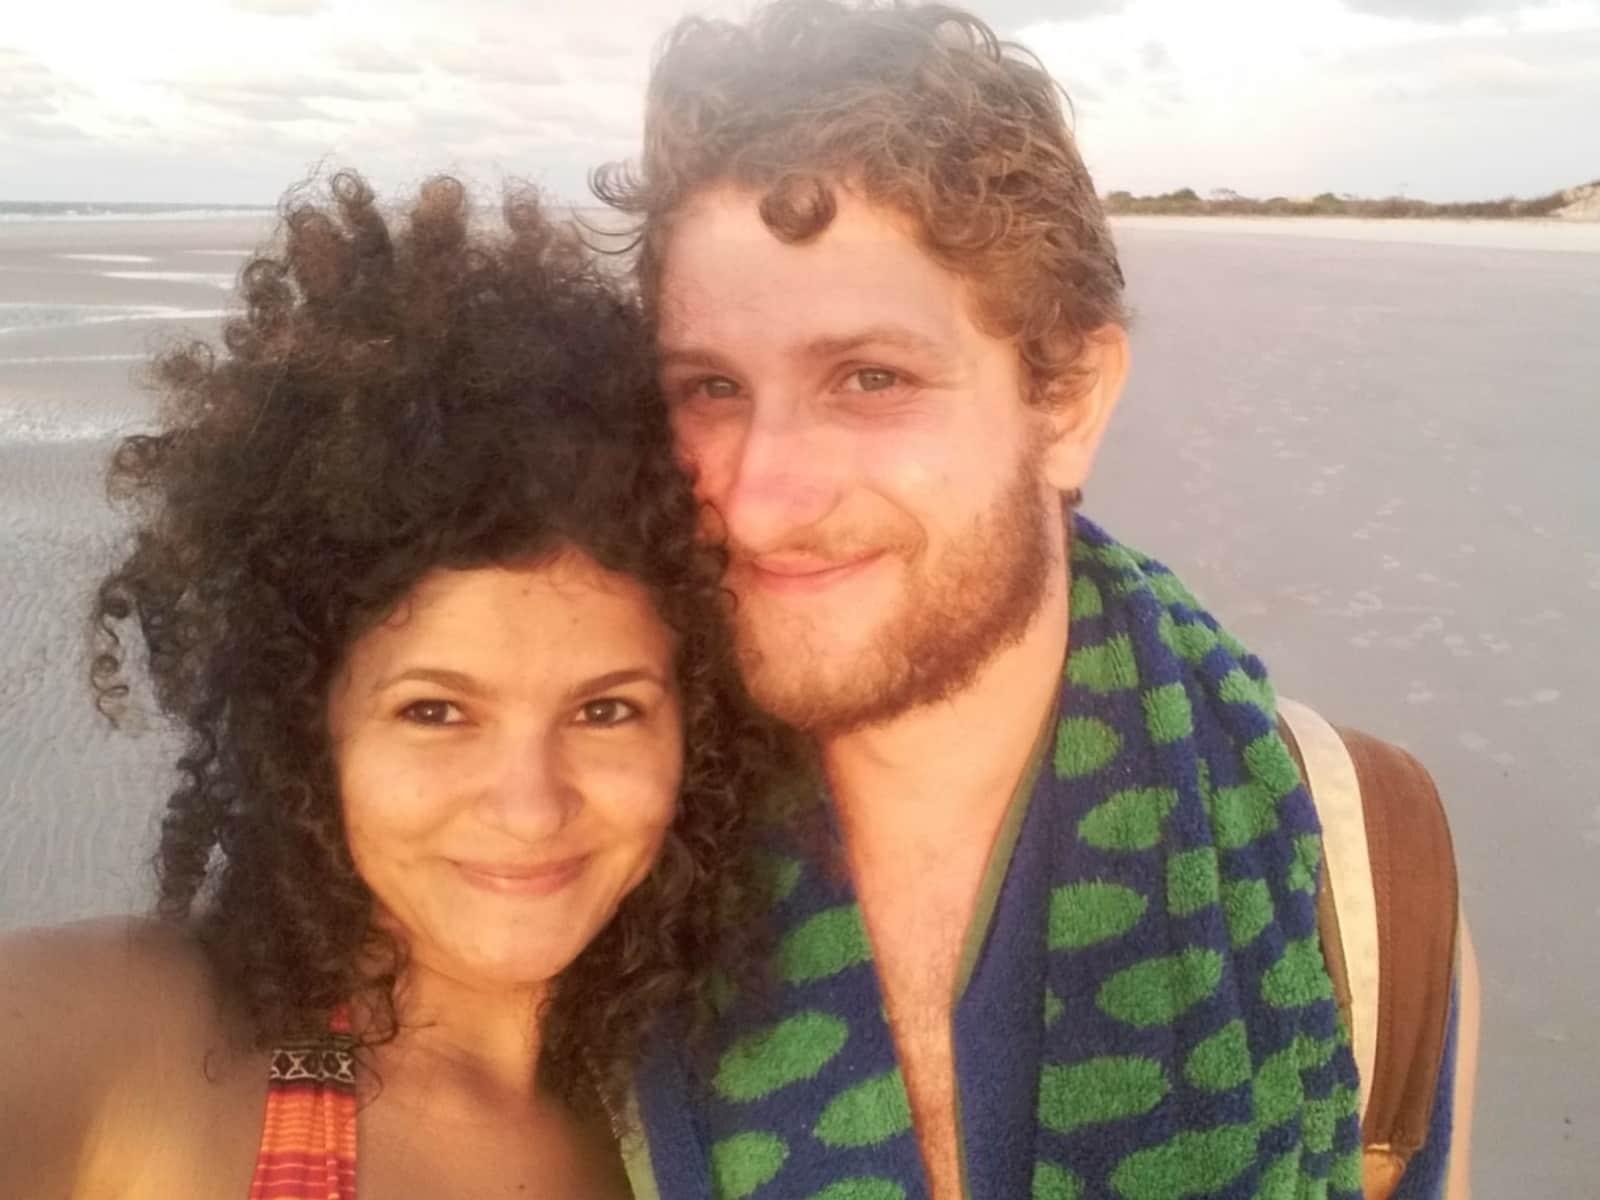 Hugo & Priscila from Paris, France